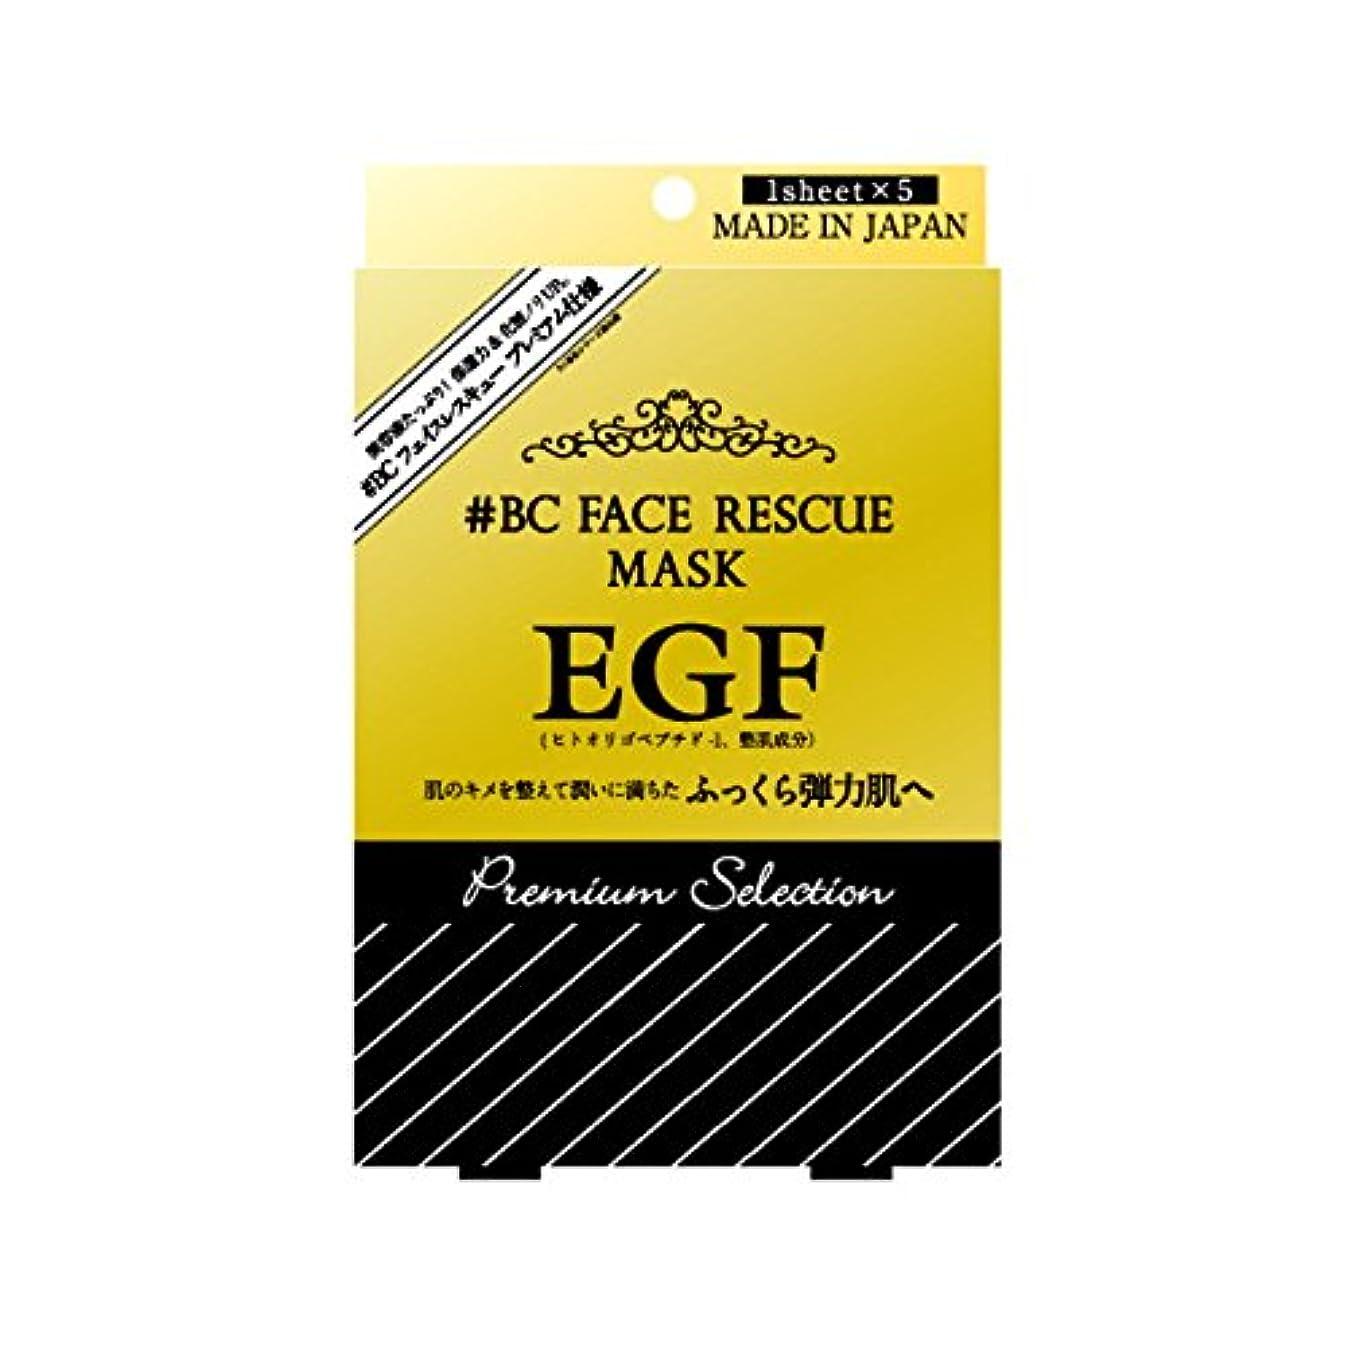 奨励します批判的に資格EGF フェイスレスキューマスク PS 1箱(25ml×5枚)